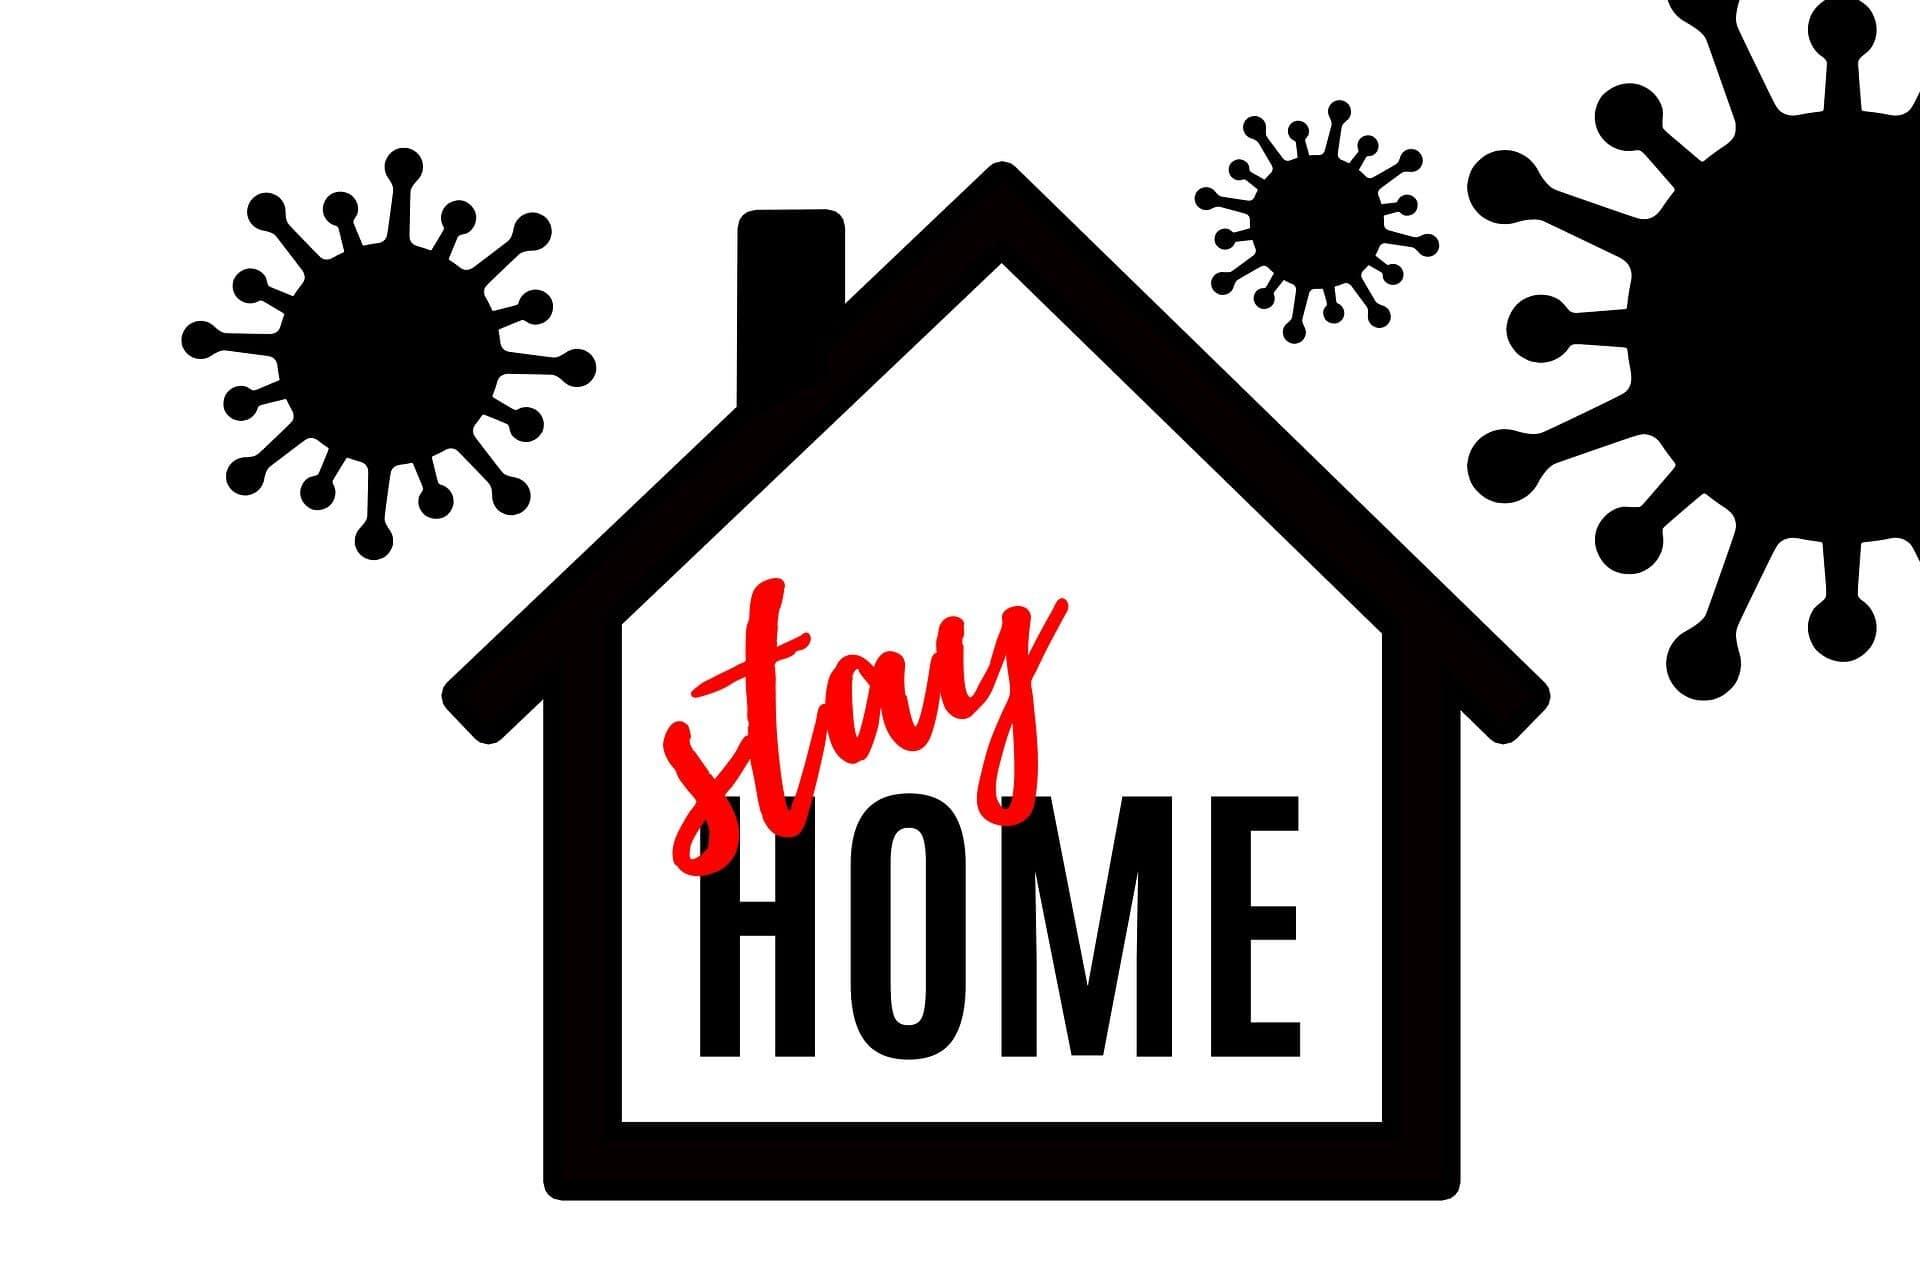 Black & white image of house & virus